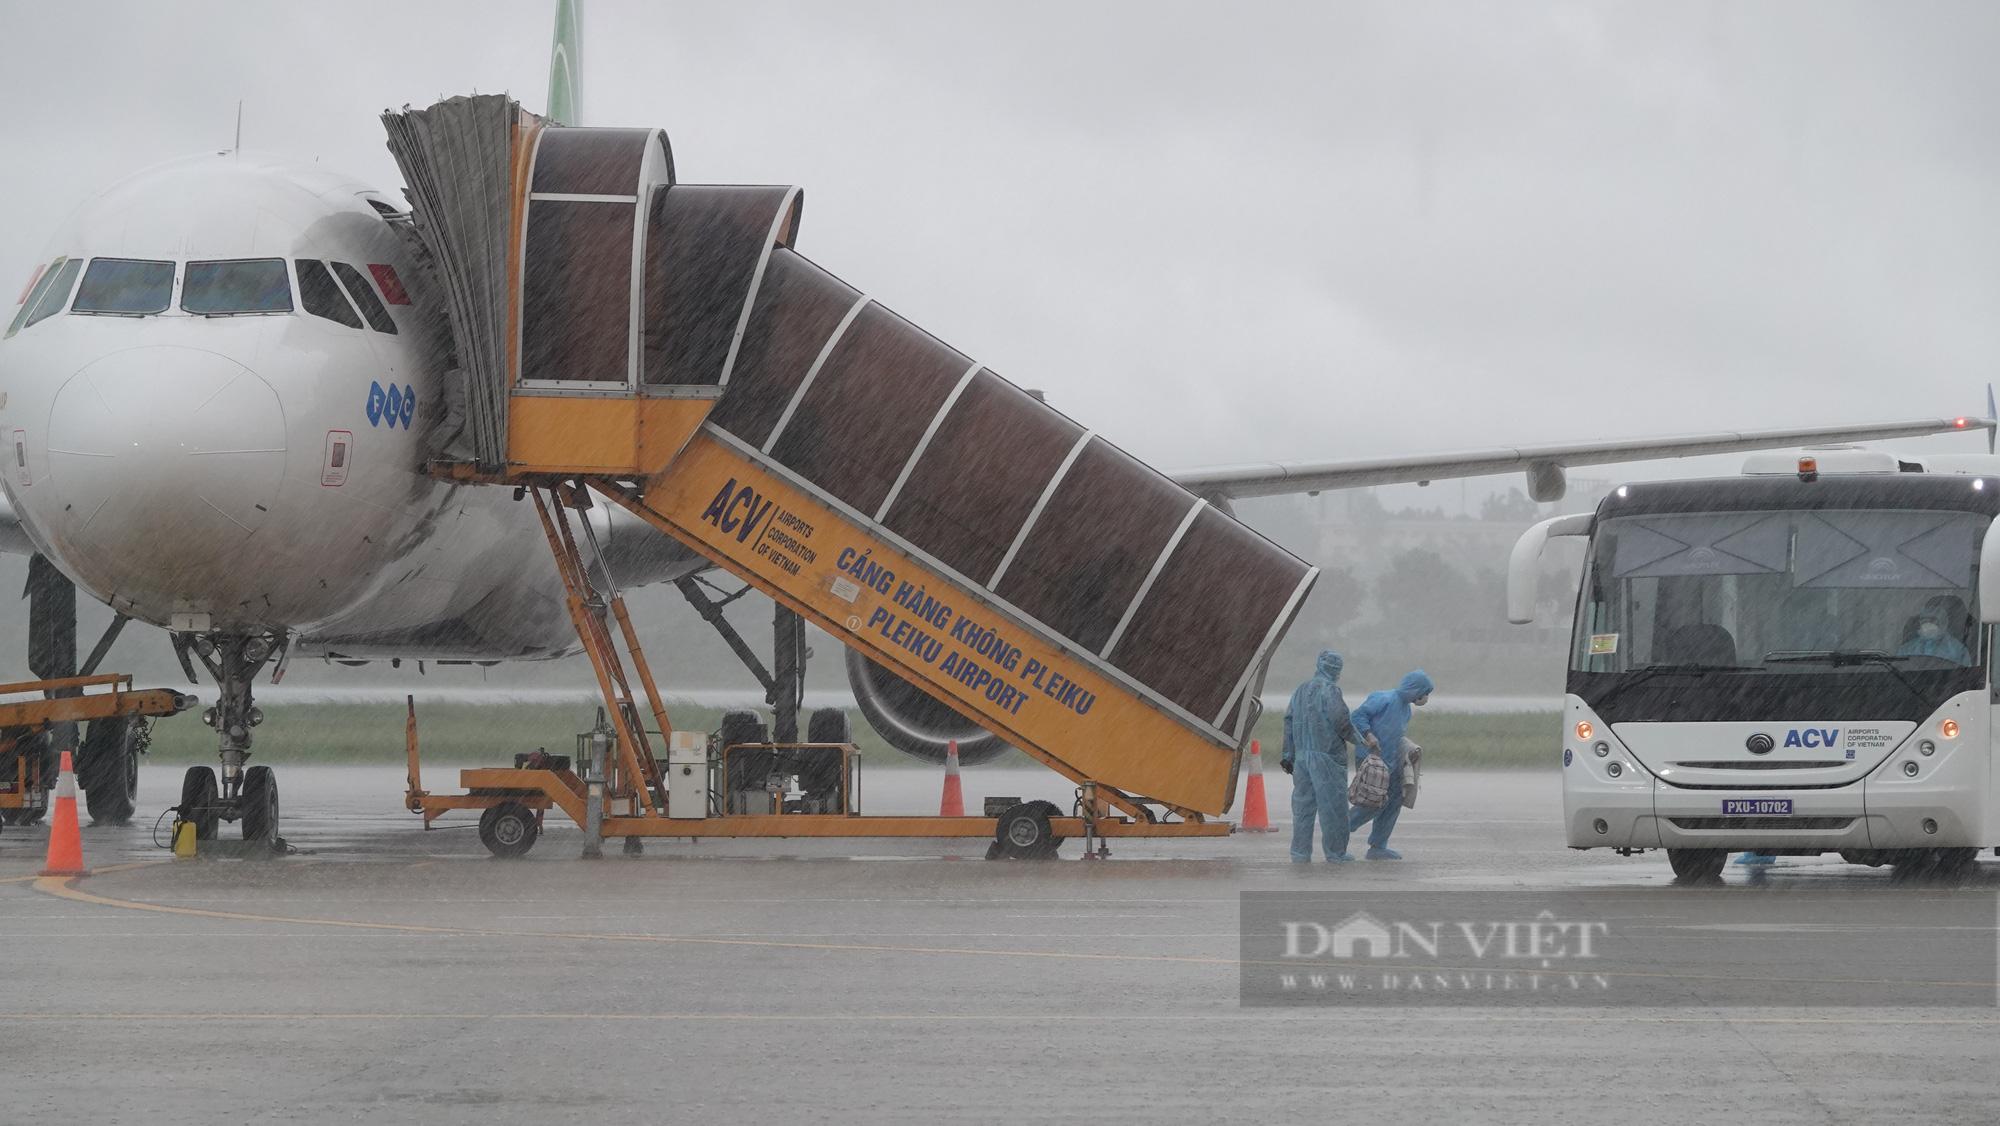 Chuyến bay đầu tiên chở gần 200 công dân từ TP.HCM về Gia Lai - Ảnh 1.